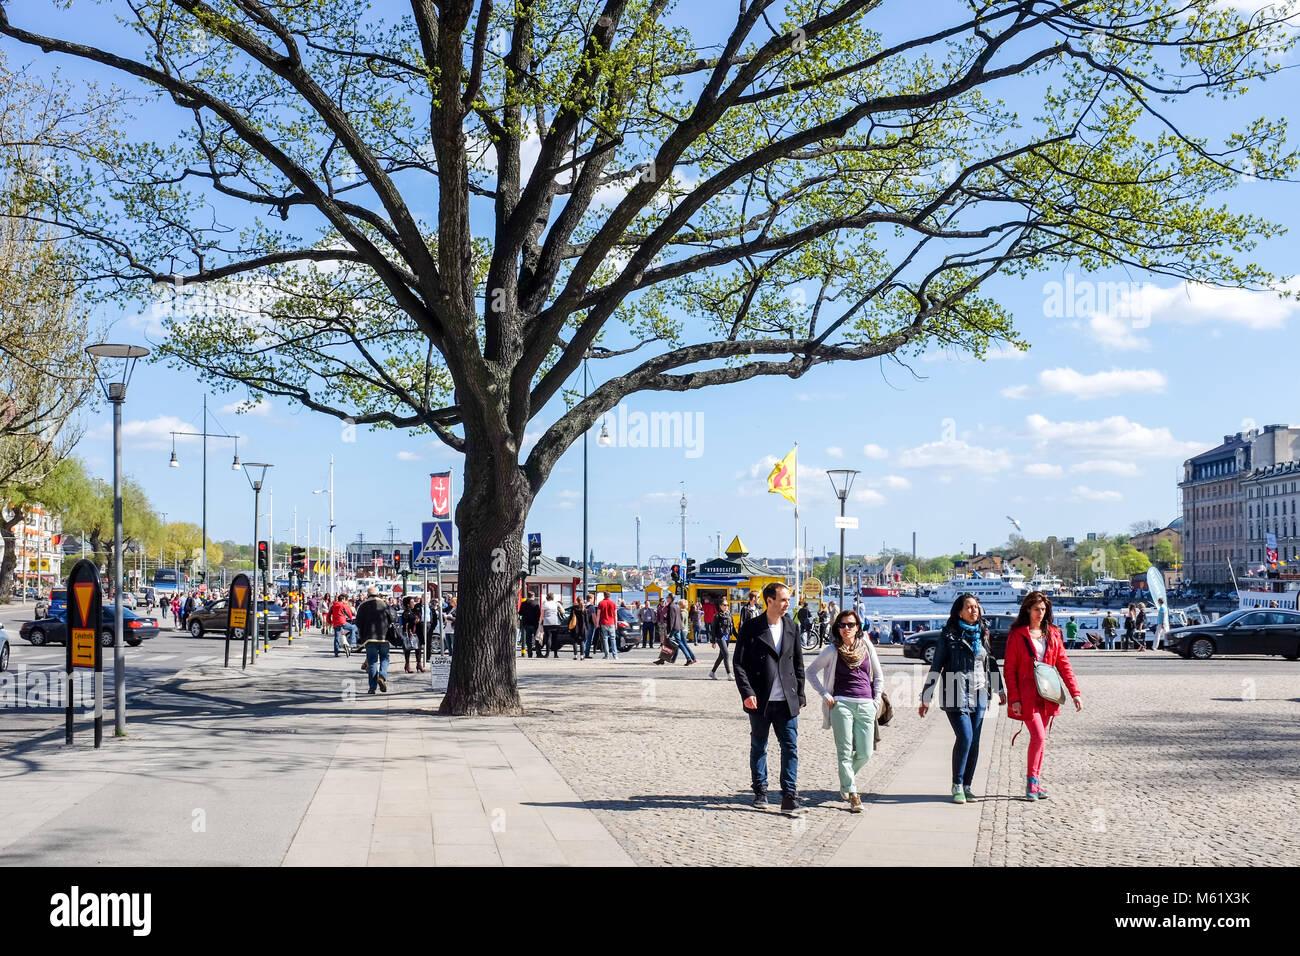 Los turistas que pasean por Nybroplan durante la primavera en Estocolmo. Estocolmo es un importante destino turístico. Imagen De Stock